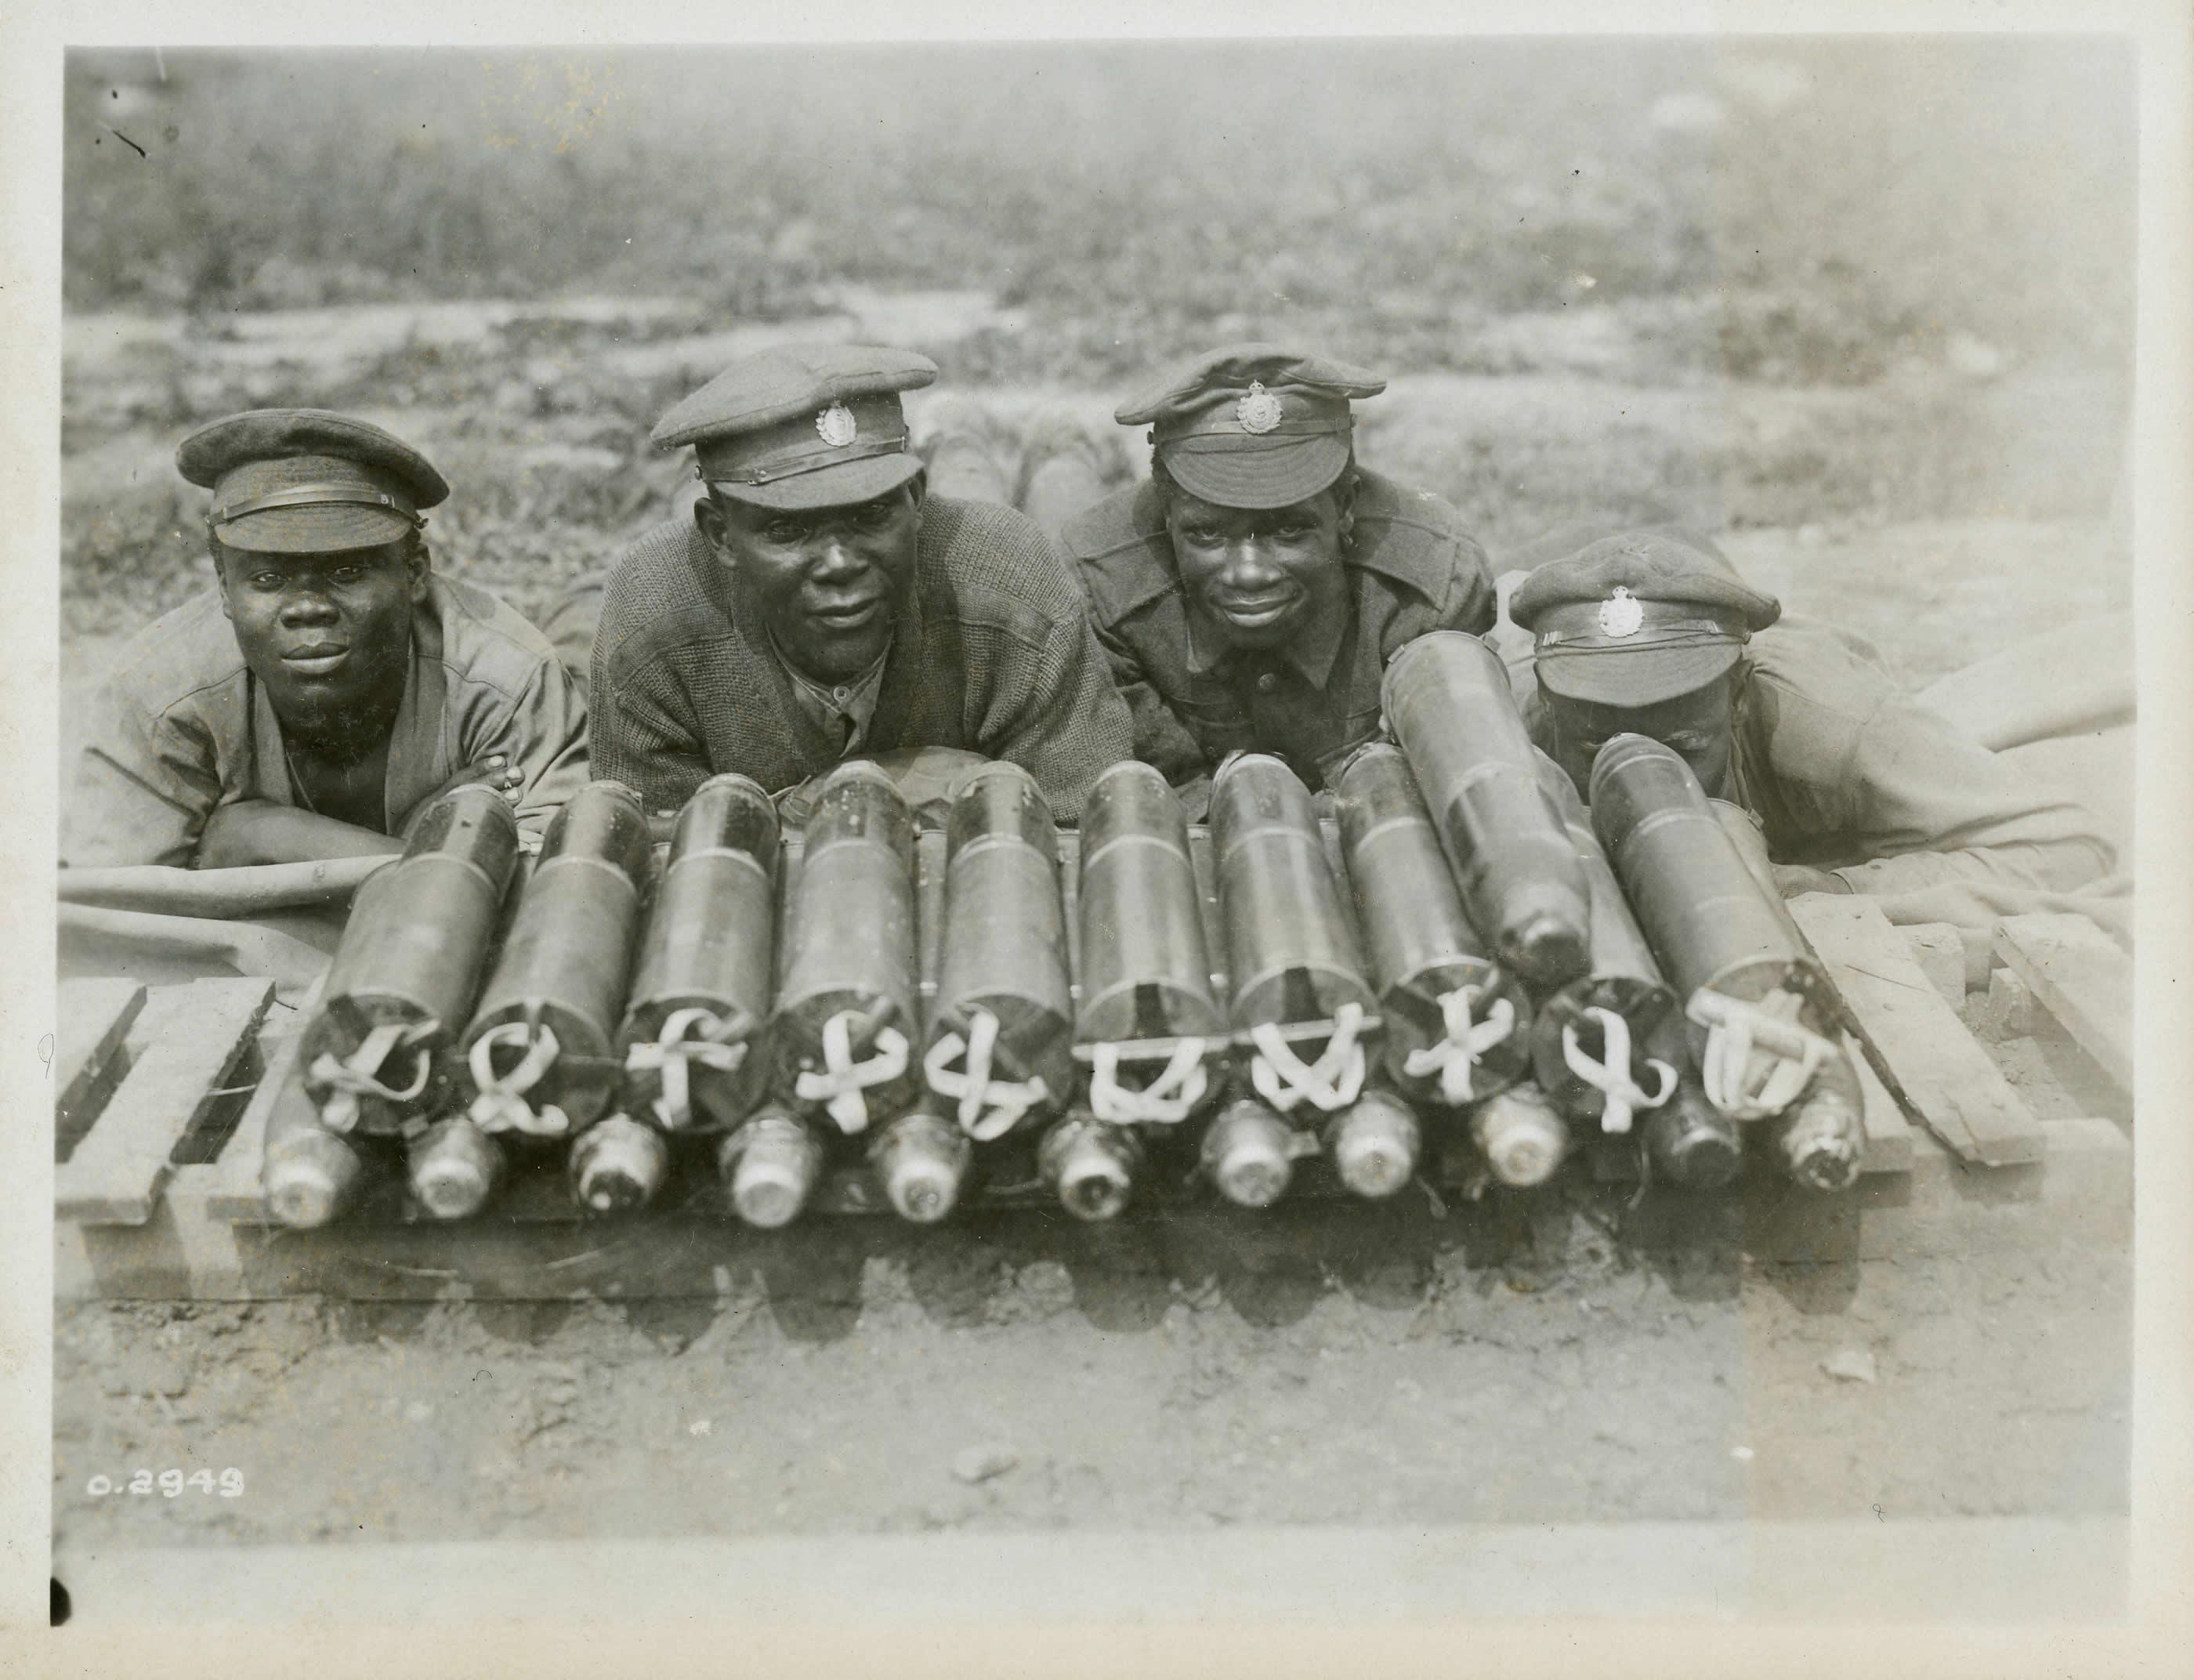 Loading Ammunition